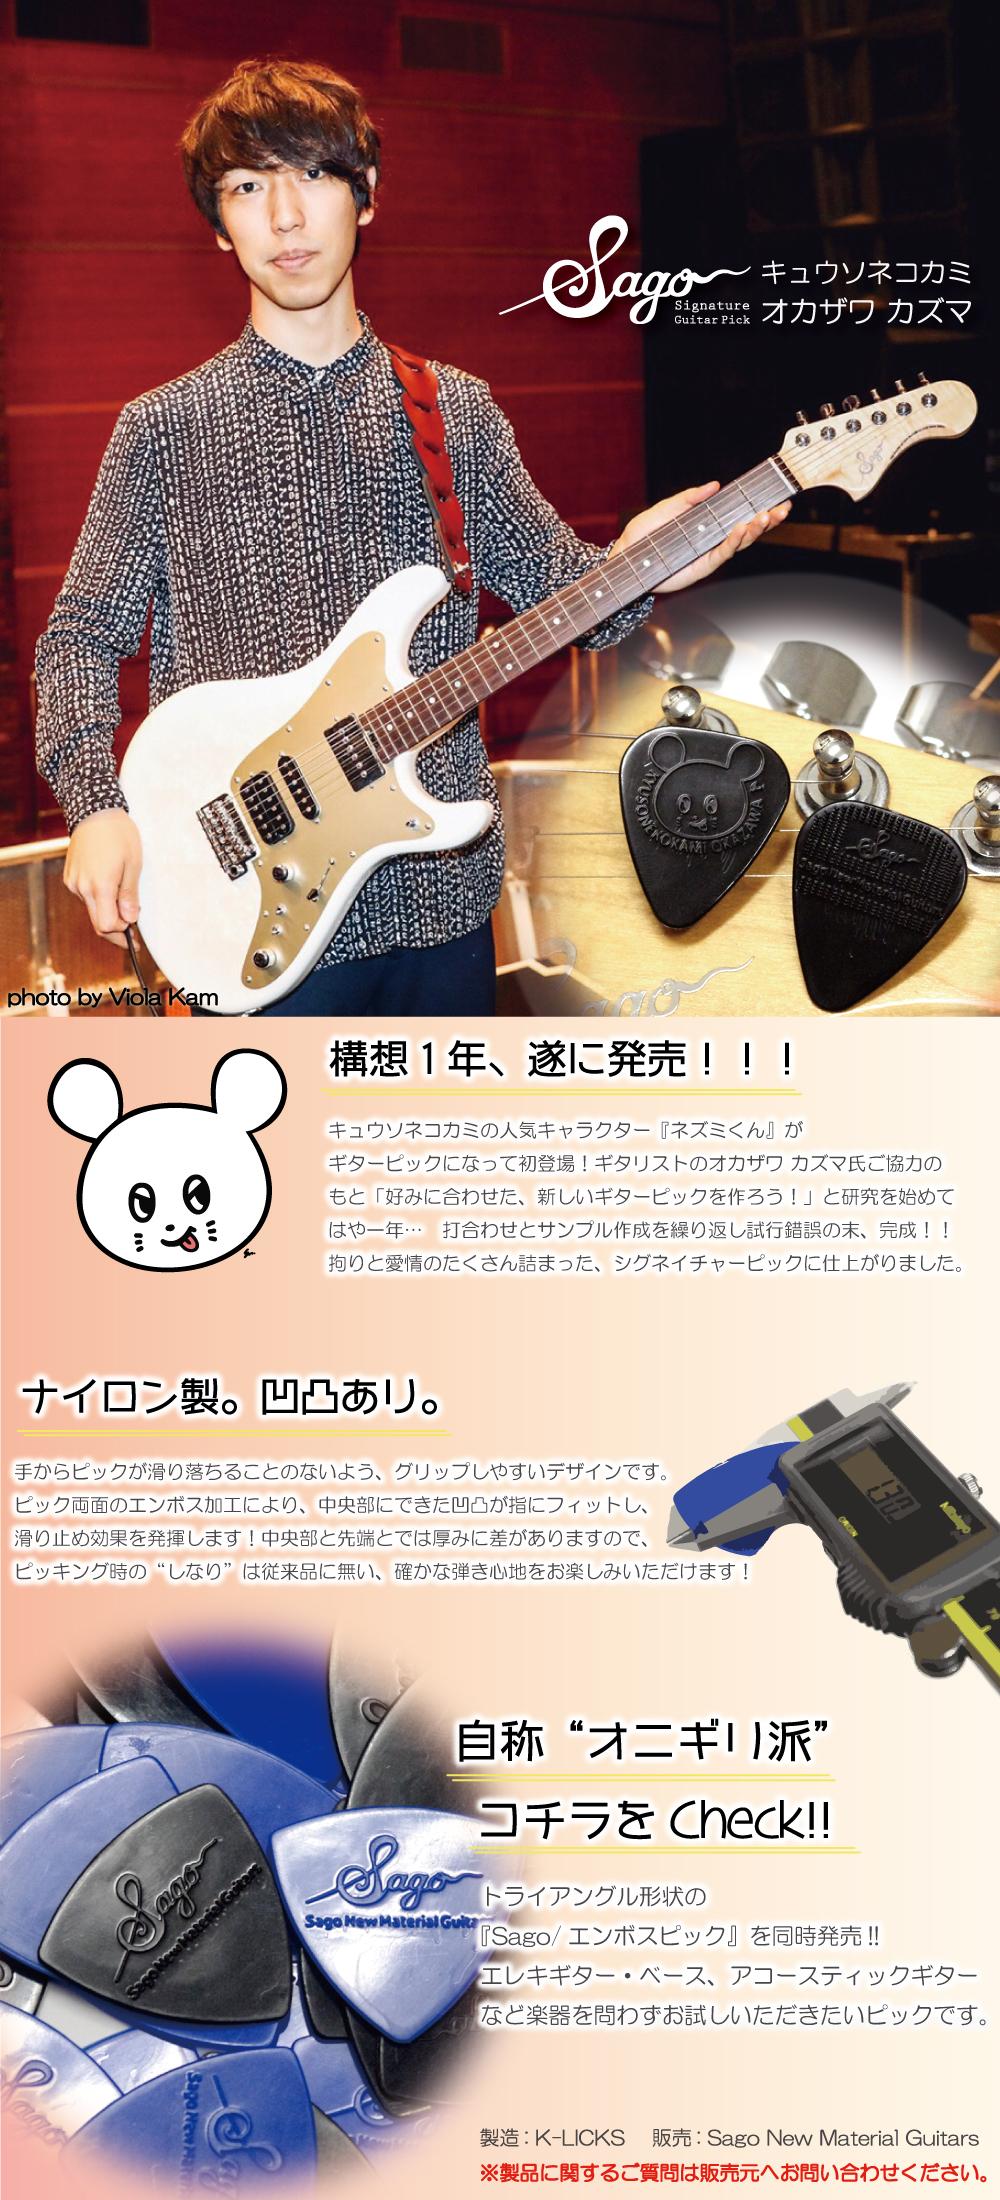 キュウソネコカミのギタリストであるオカザワカズマ氏が自身のシグネイチャーモデルSonia okazawa customを手に持ち、オリジナルピックとしては初となるネズミくんが描かれたエンボスギターピックの紹介写真。肩には708worksのギターストラップFolkloreを身に付けている画像